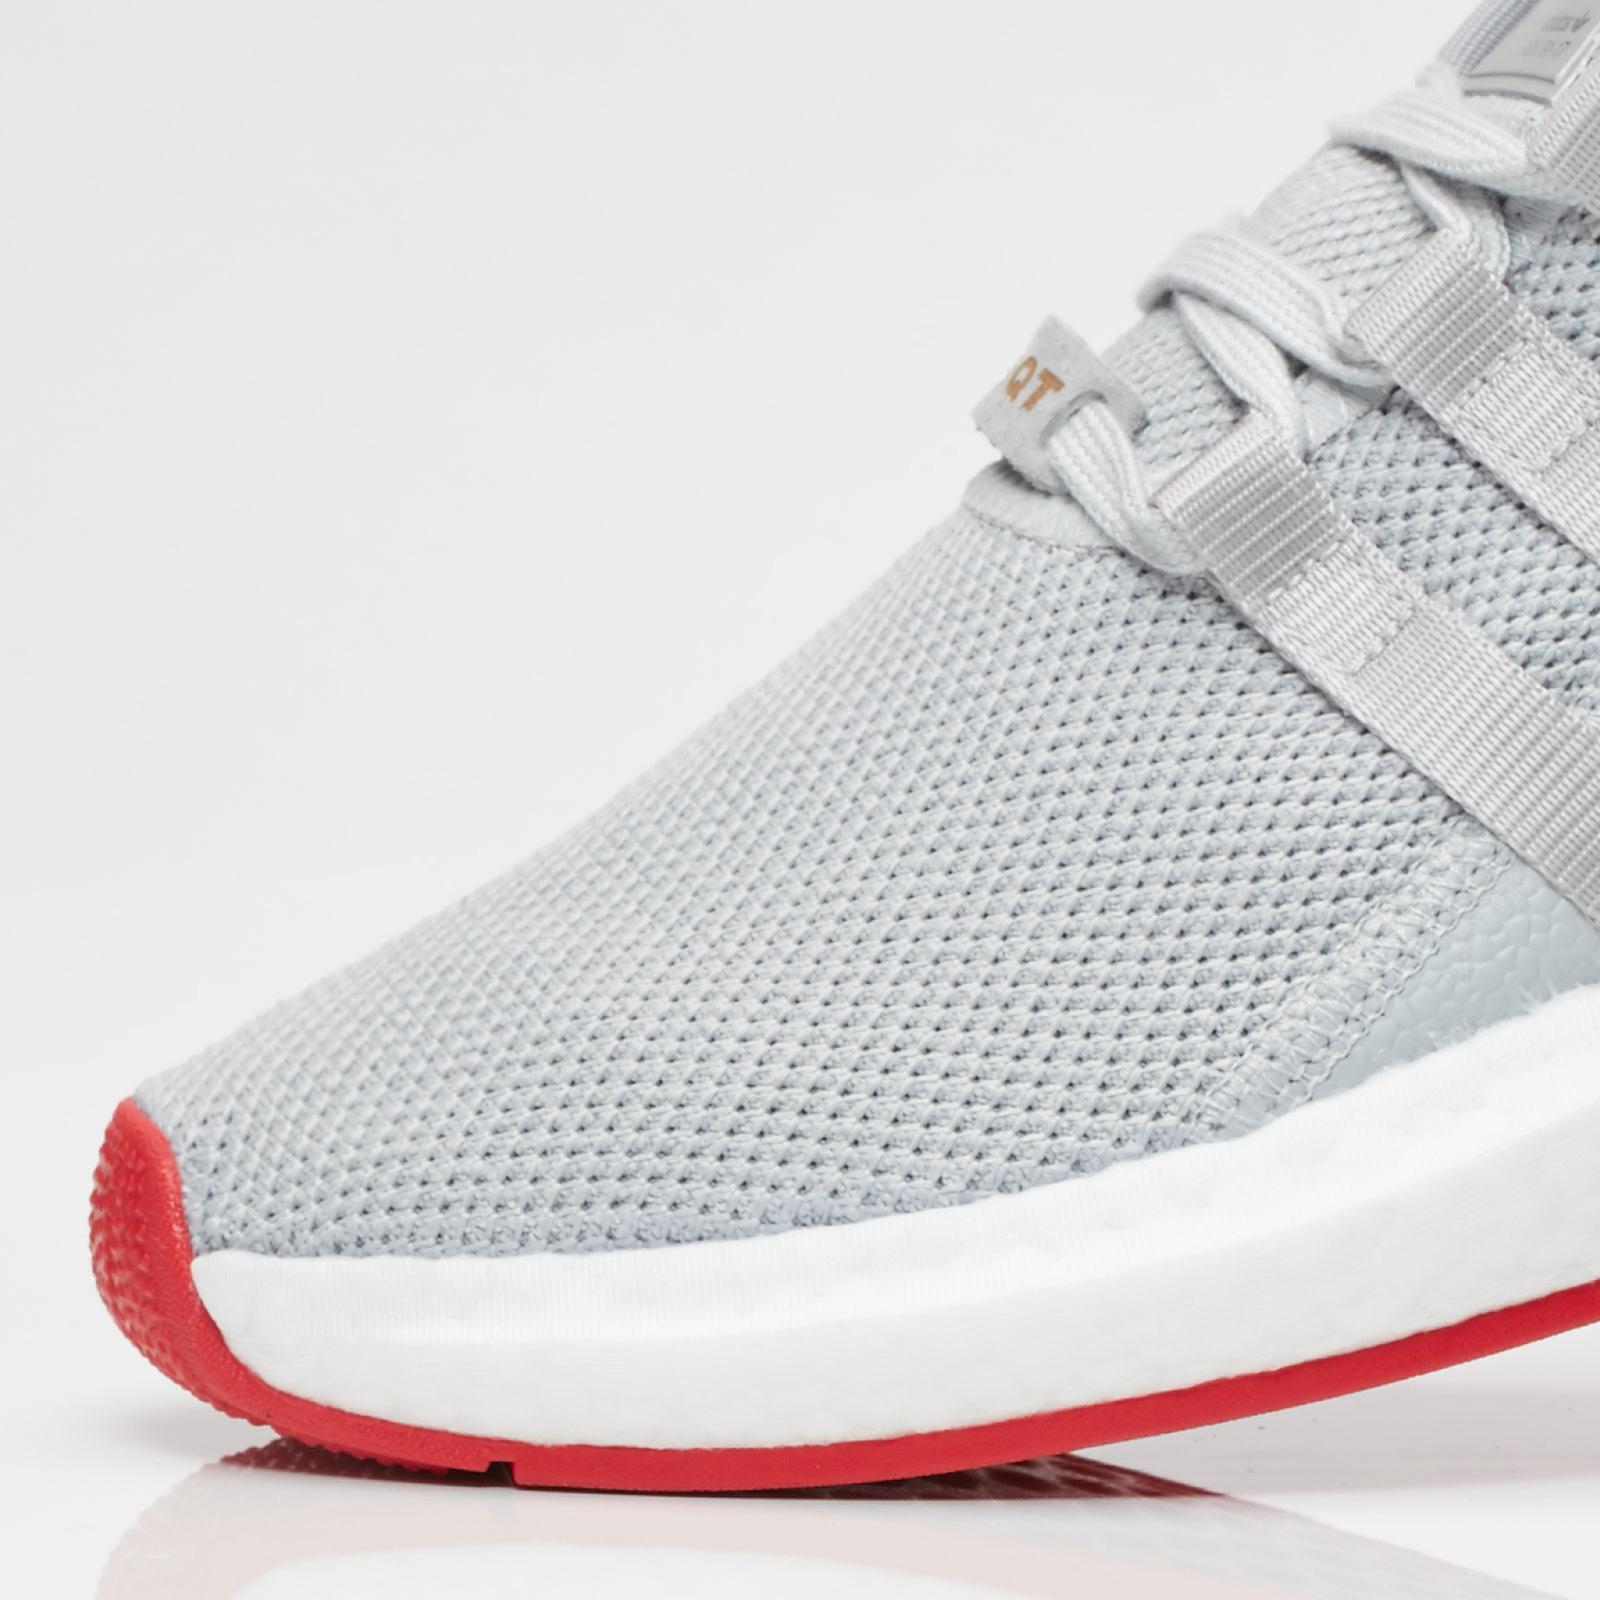 adidas eqt sostegno 93 / 17 cq2393 sneakersnstuff scarpe